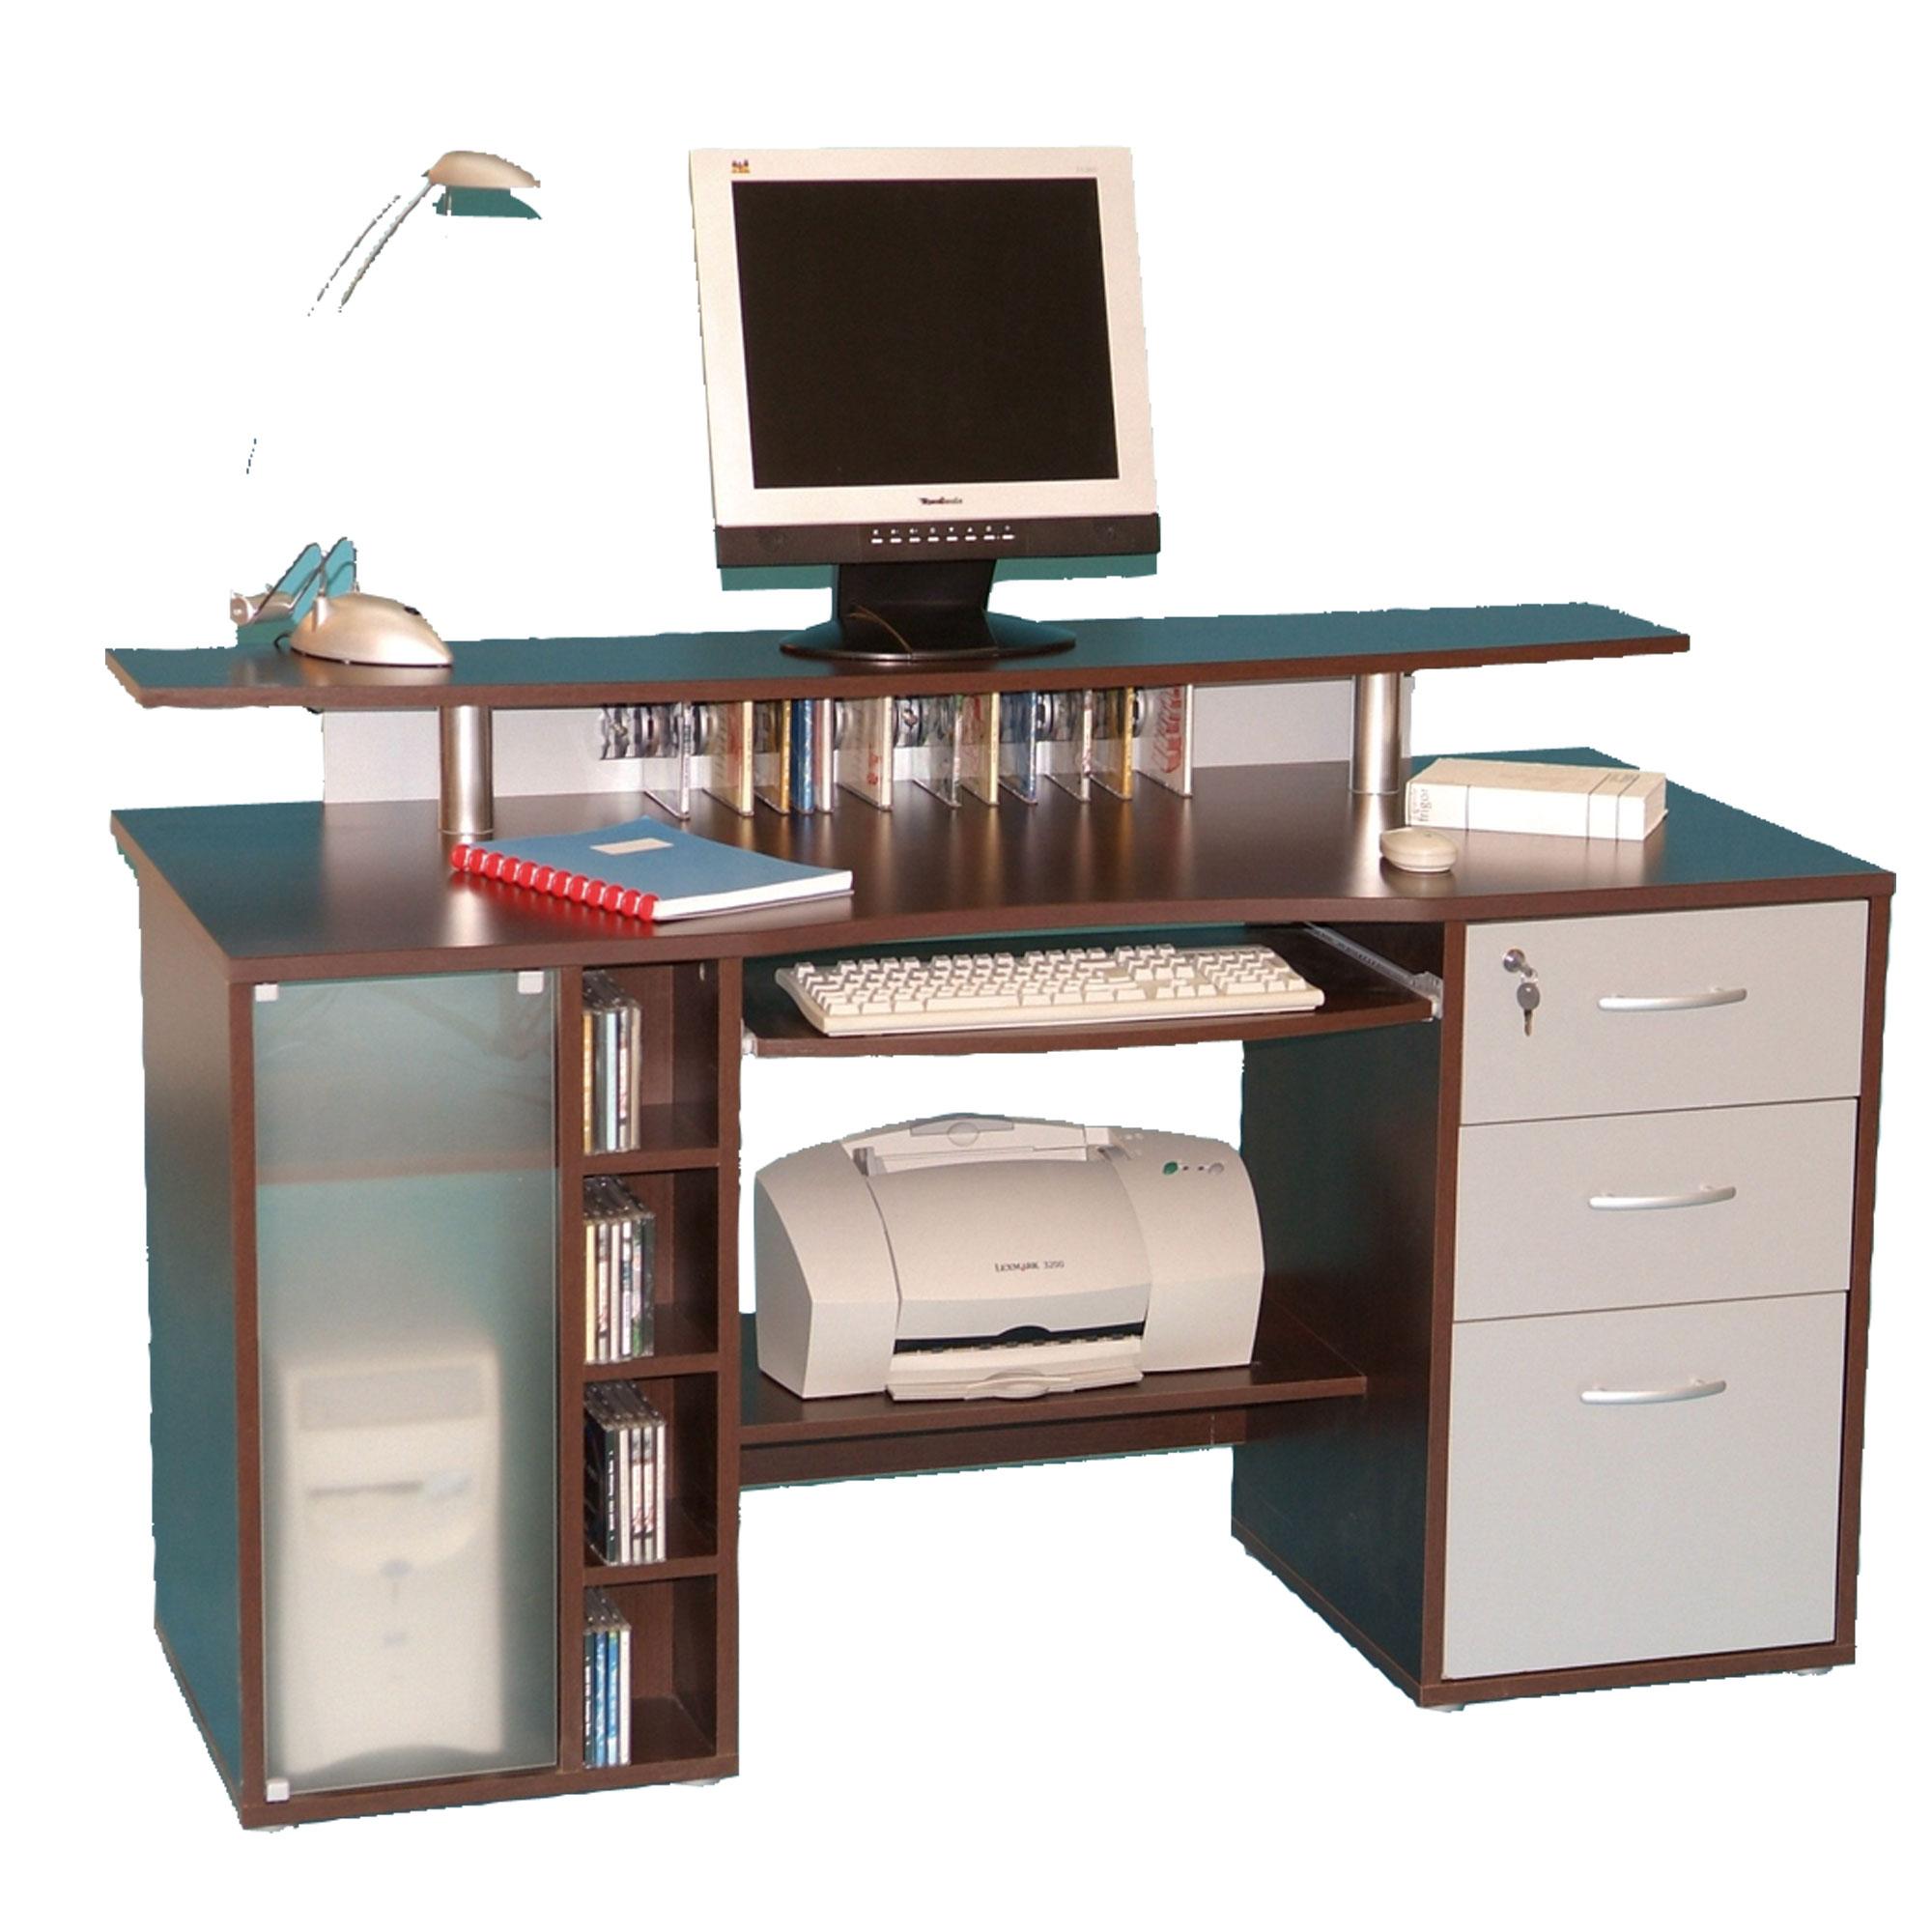 bureau multim dia seatle weng anniversaire 40 ans acheter ce produit au meilleur prix. Black Bedroom Furniture Sets. Home Design Ideas